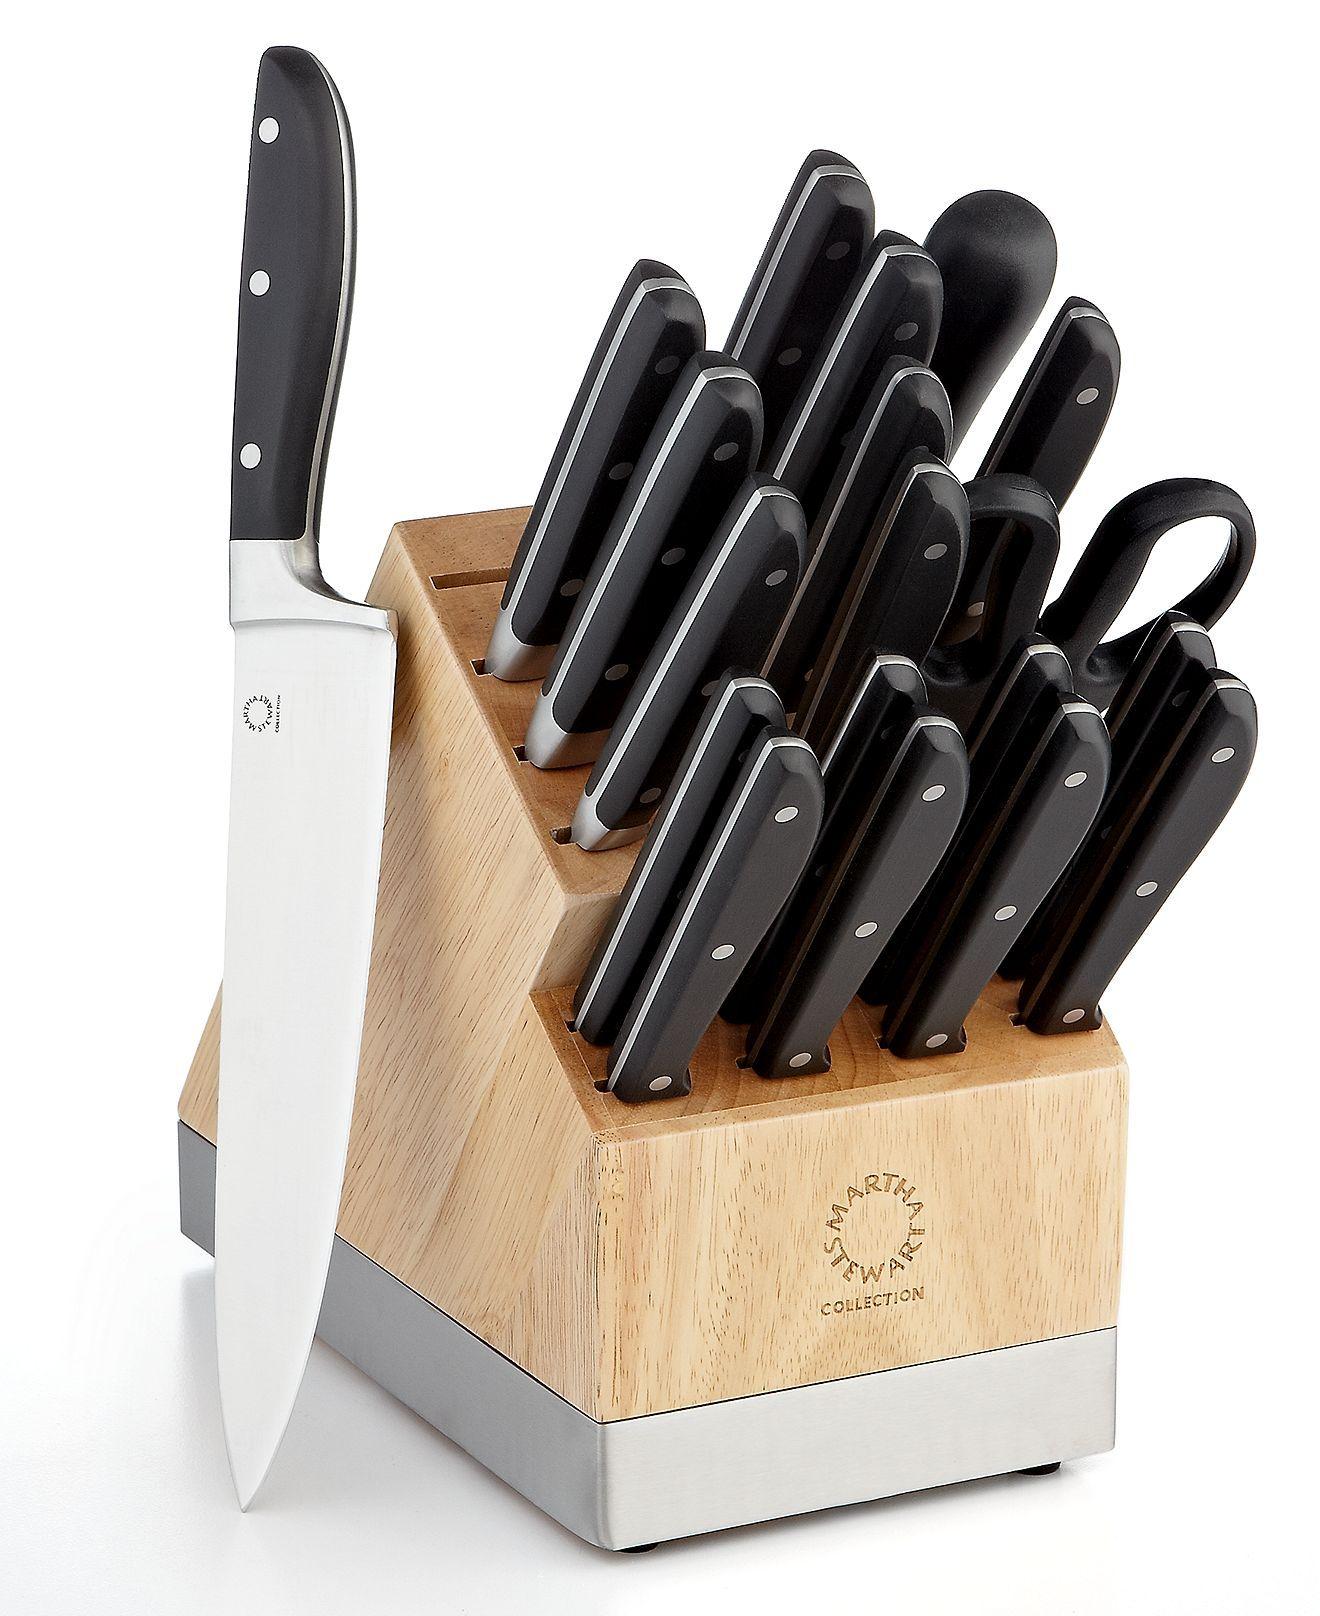 Martha Stewart Collection Premiere Cutlery 20 Piece Set Cutlery